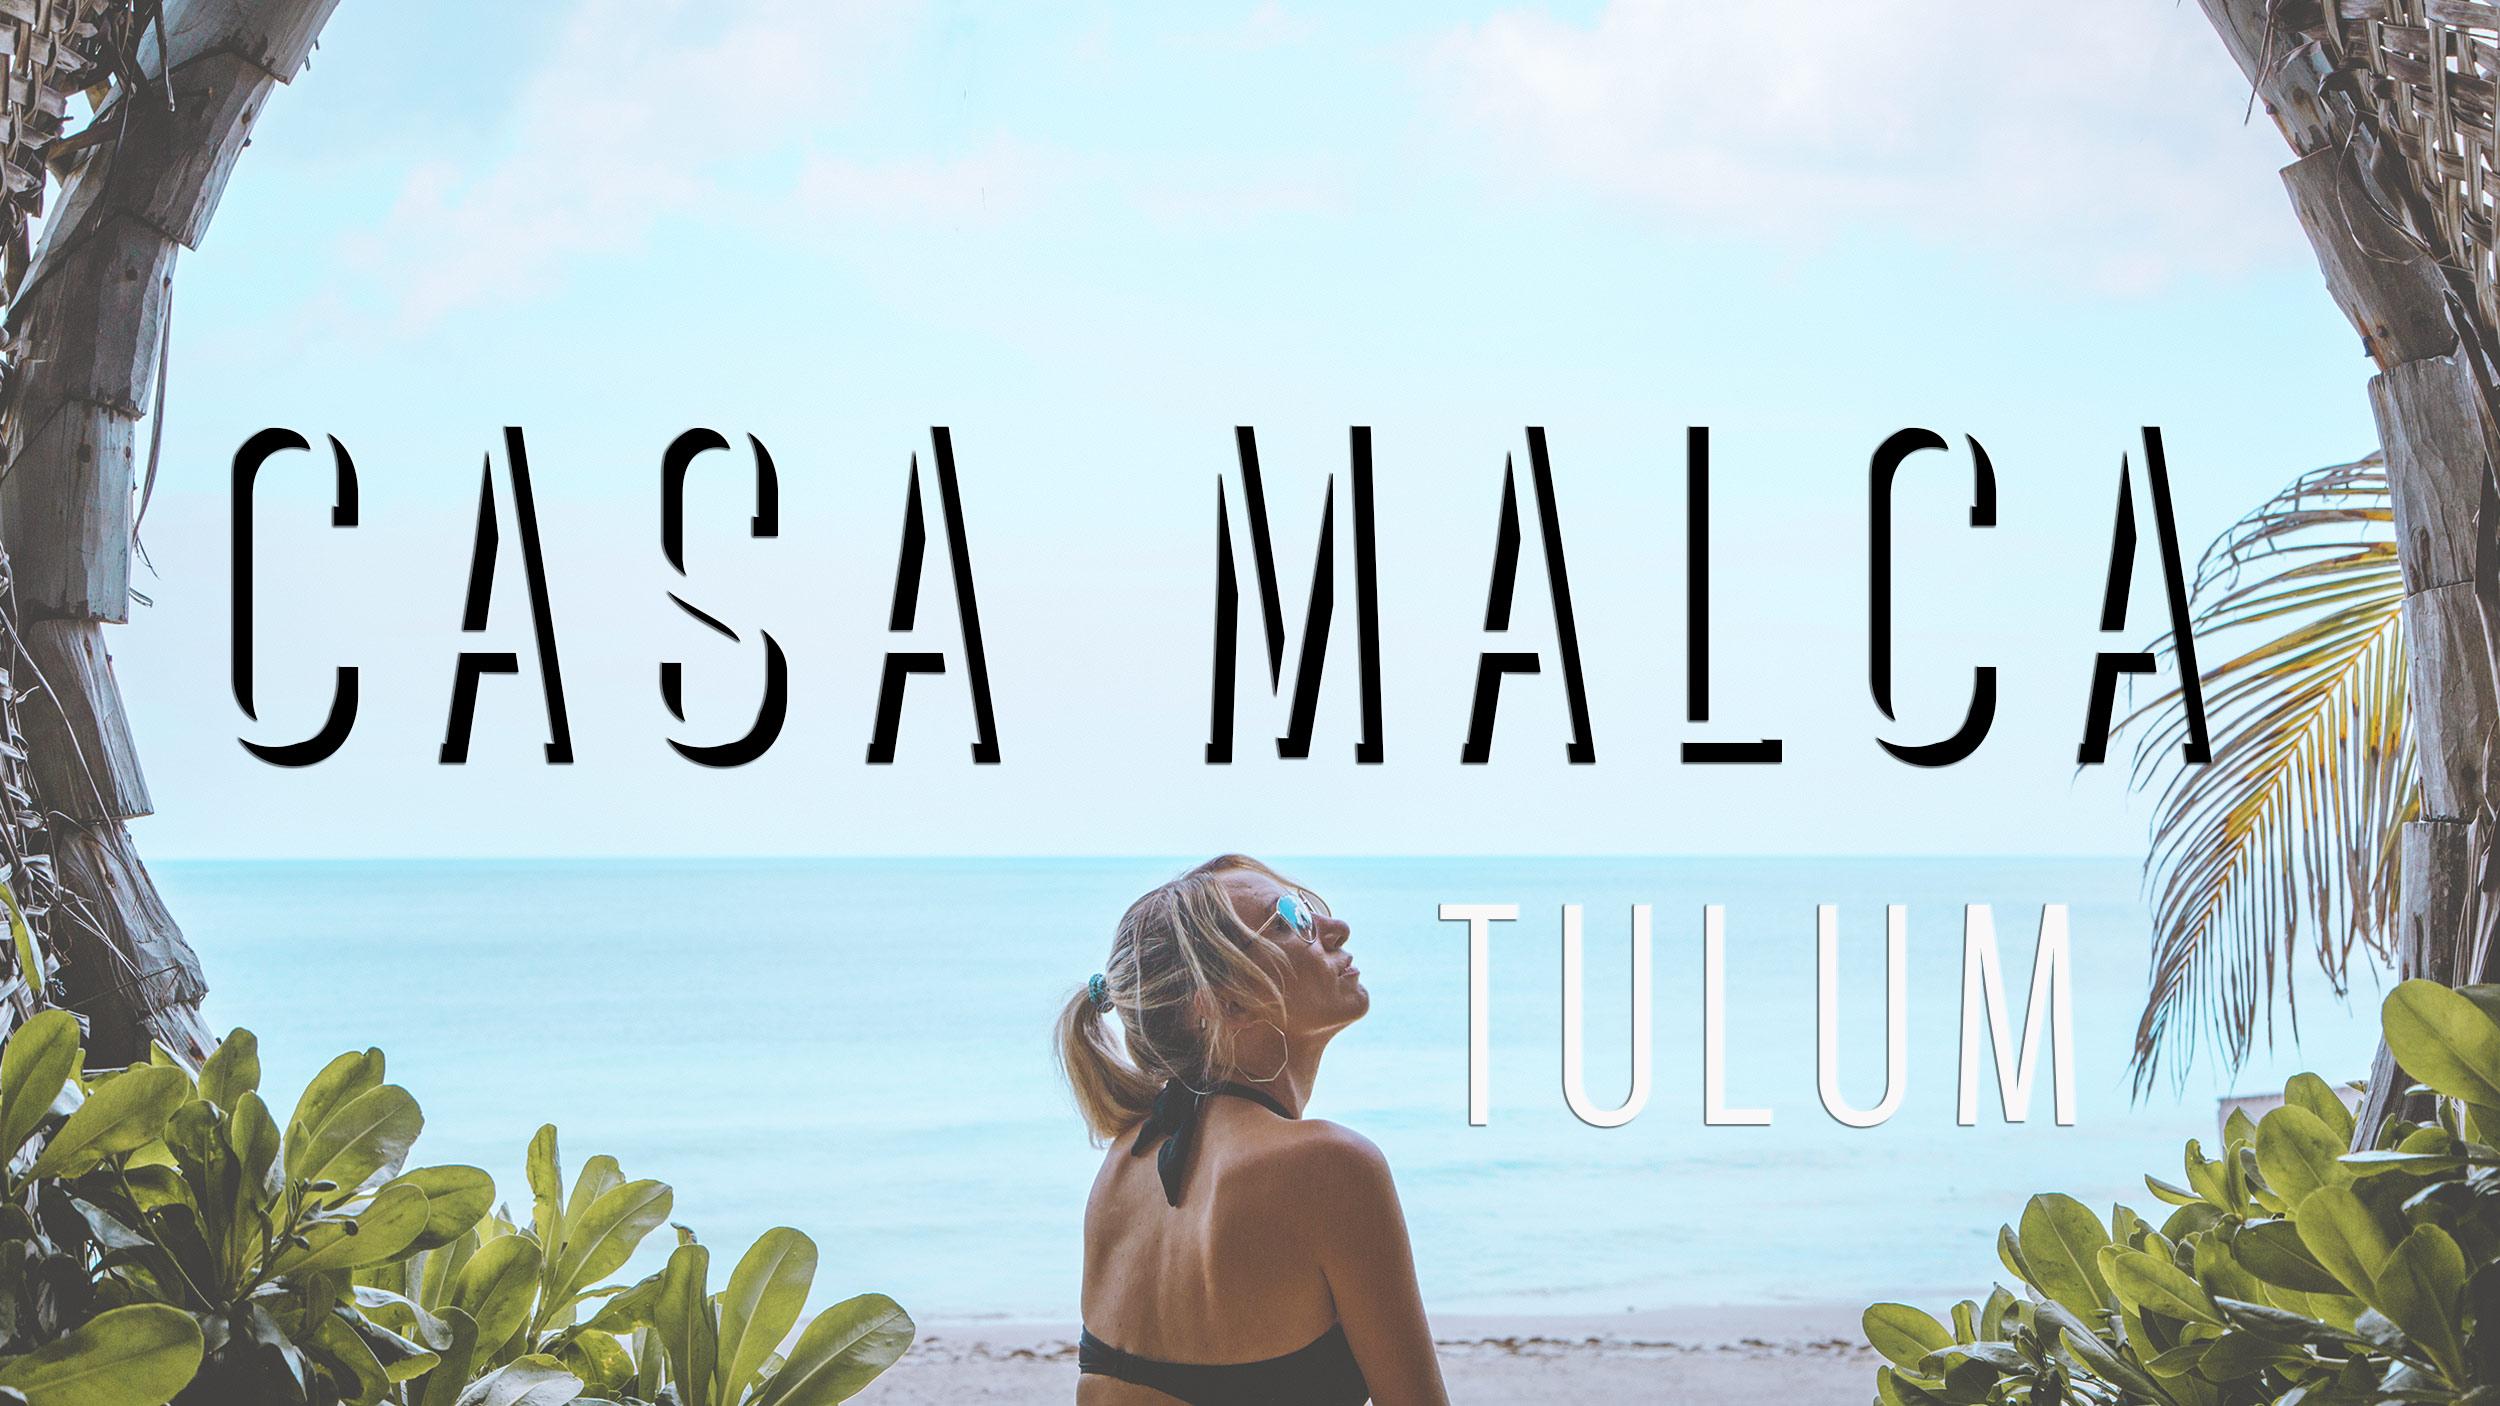 Casa-Malca.jpg